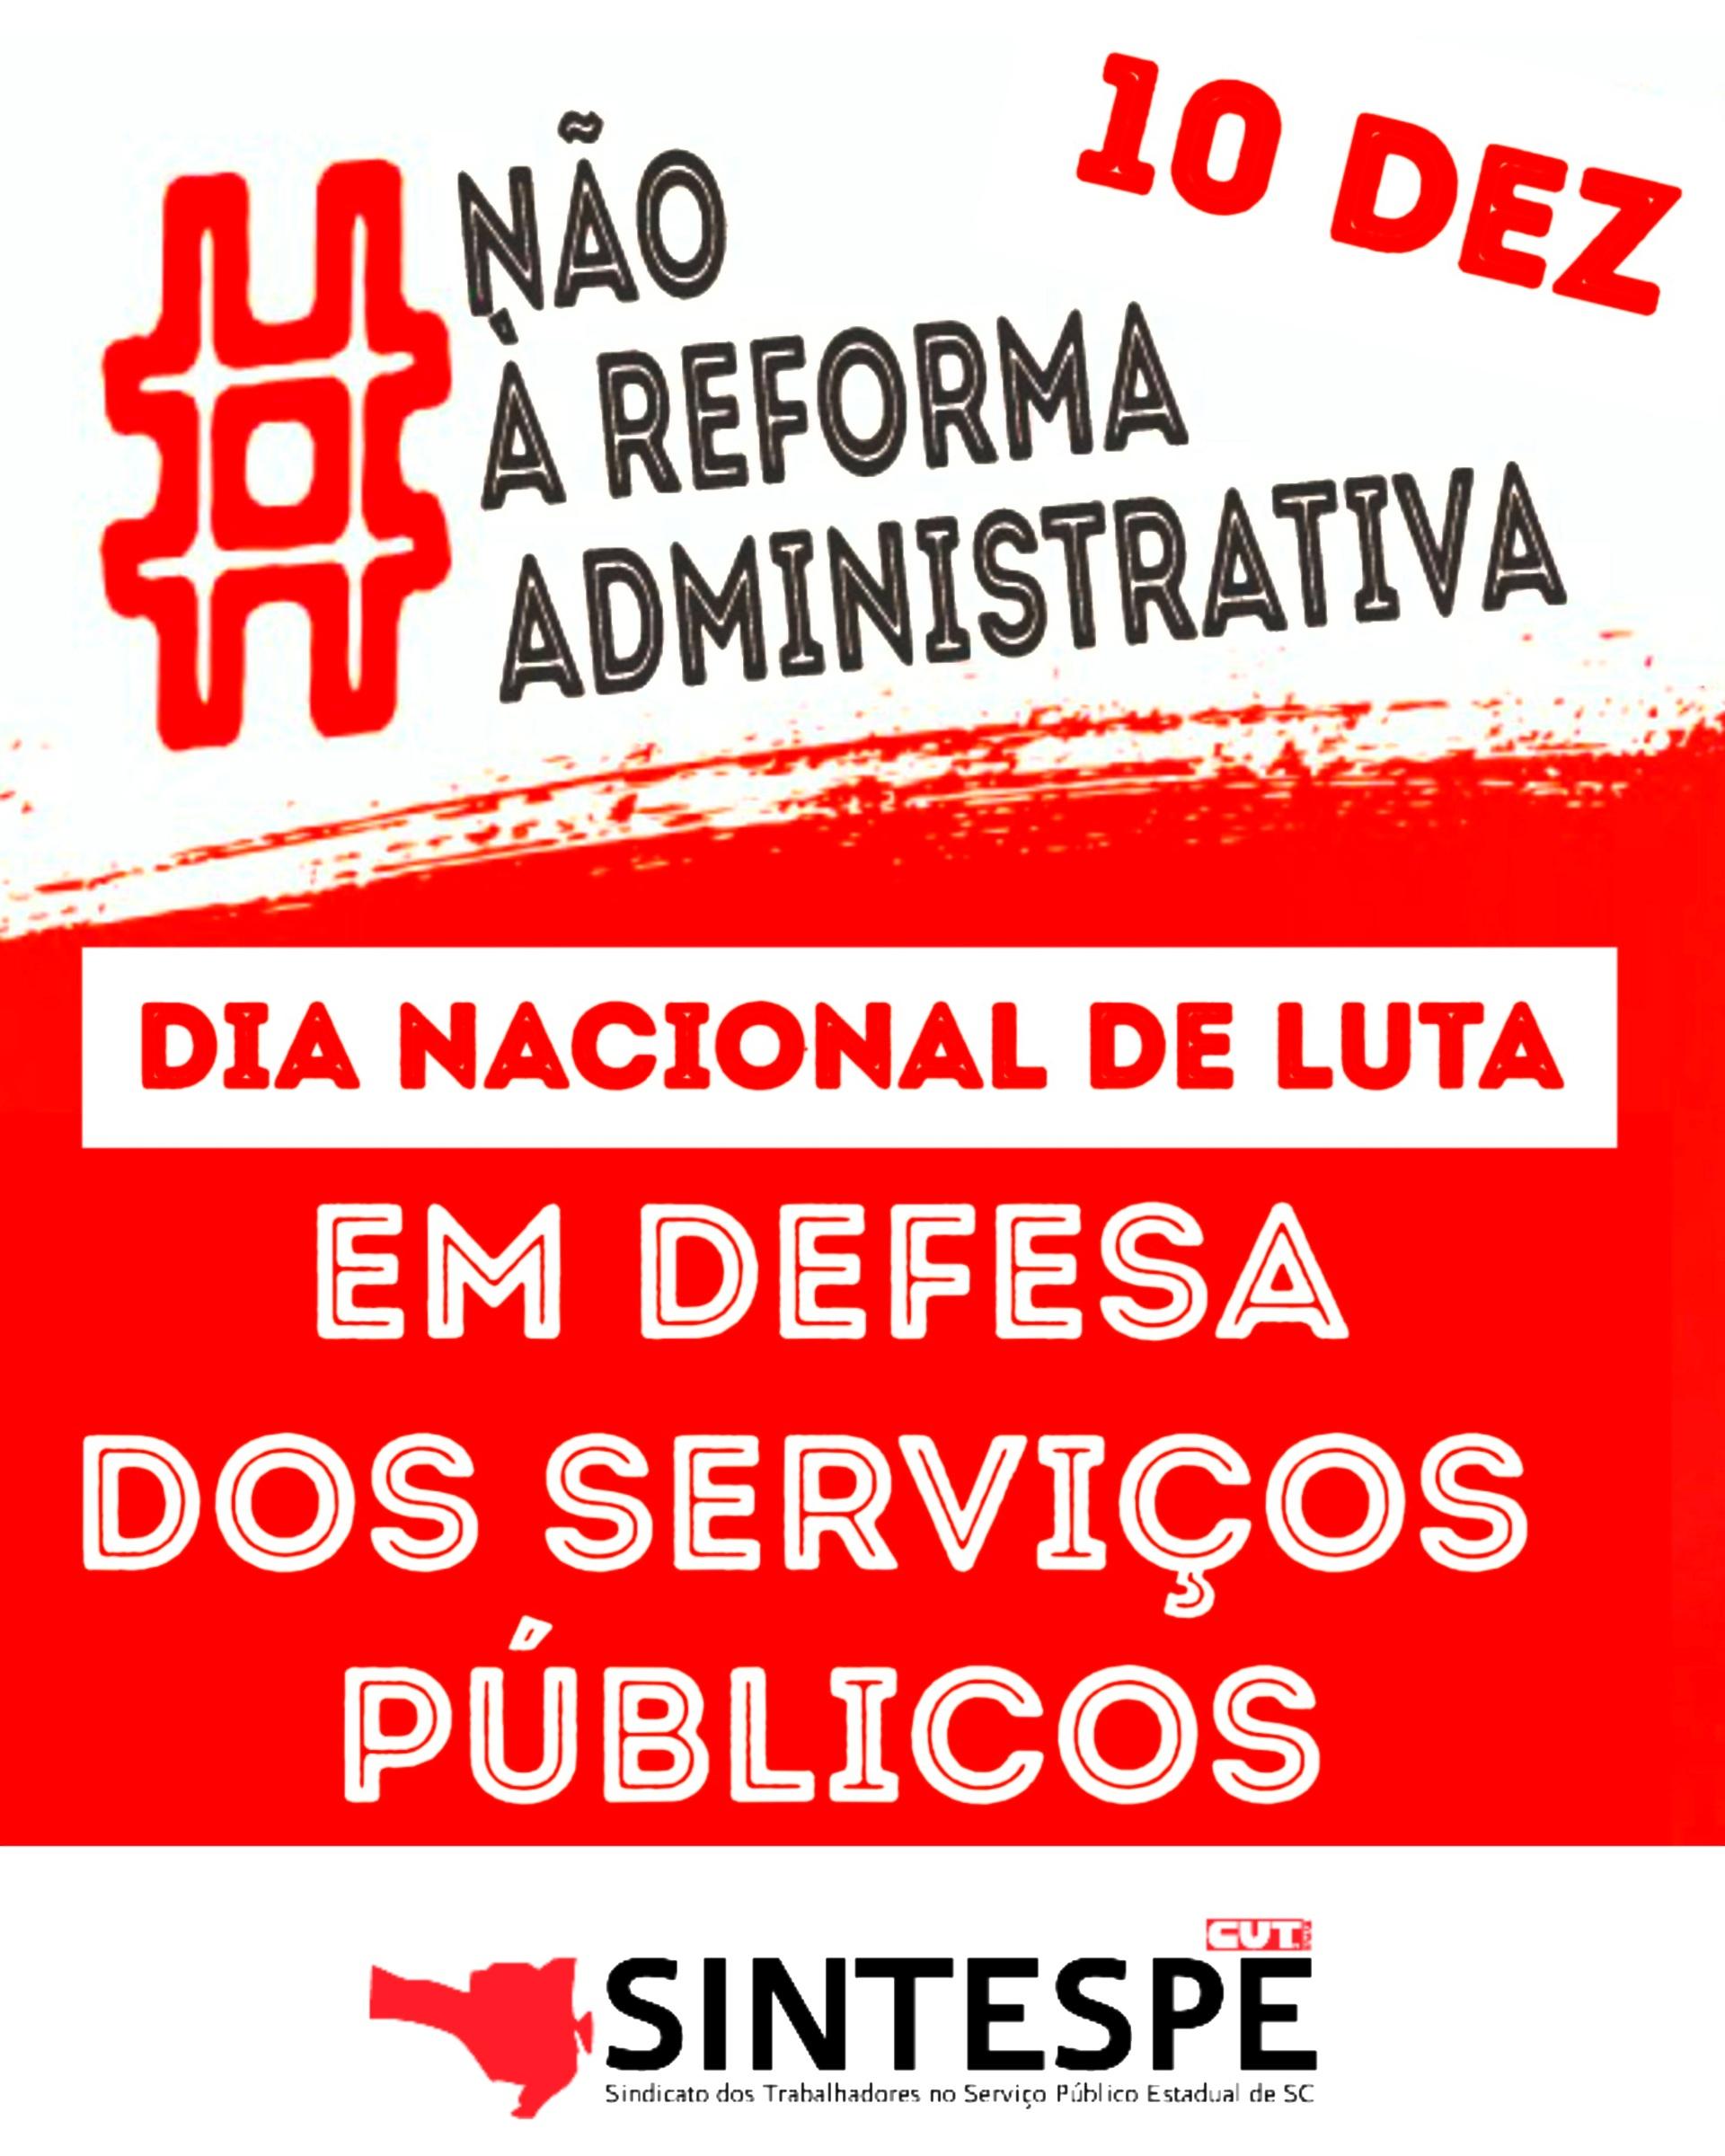 DIA DE LUTA EM DEFESA DO SERVIÇO PÚBLICO